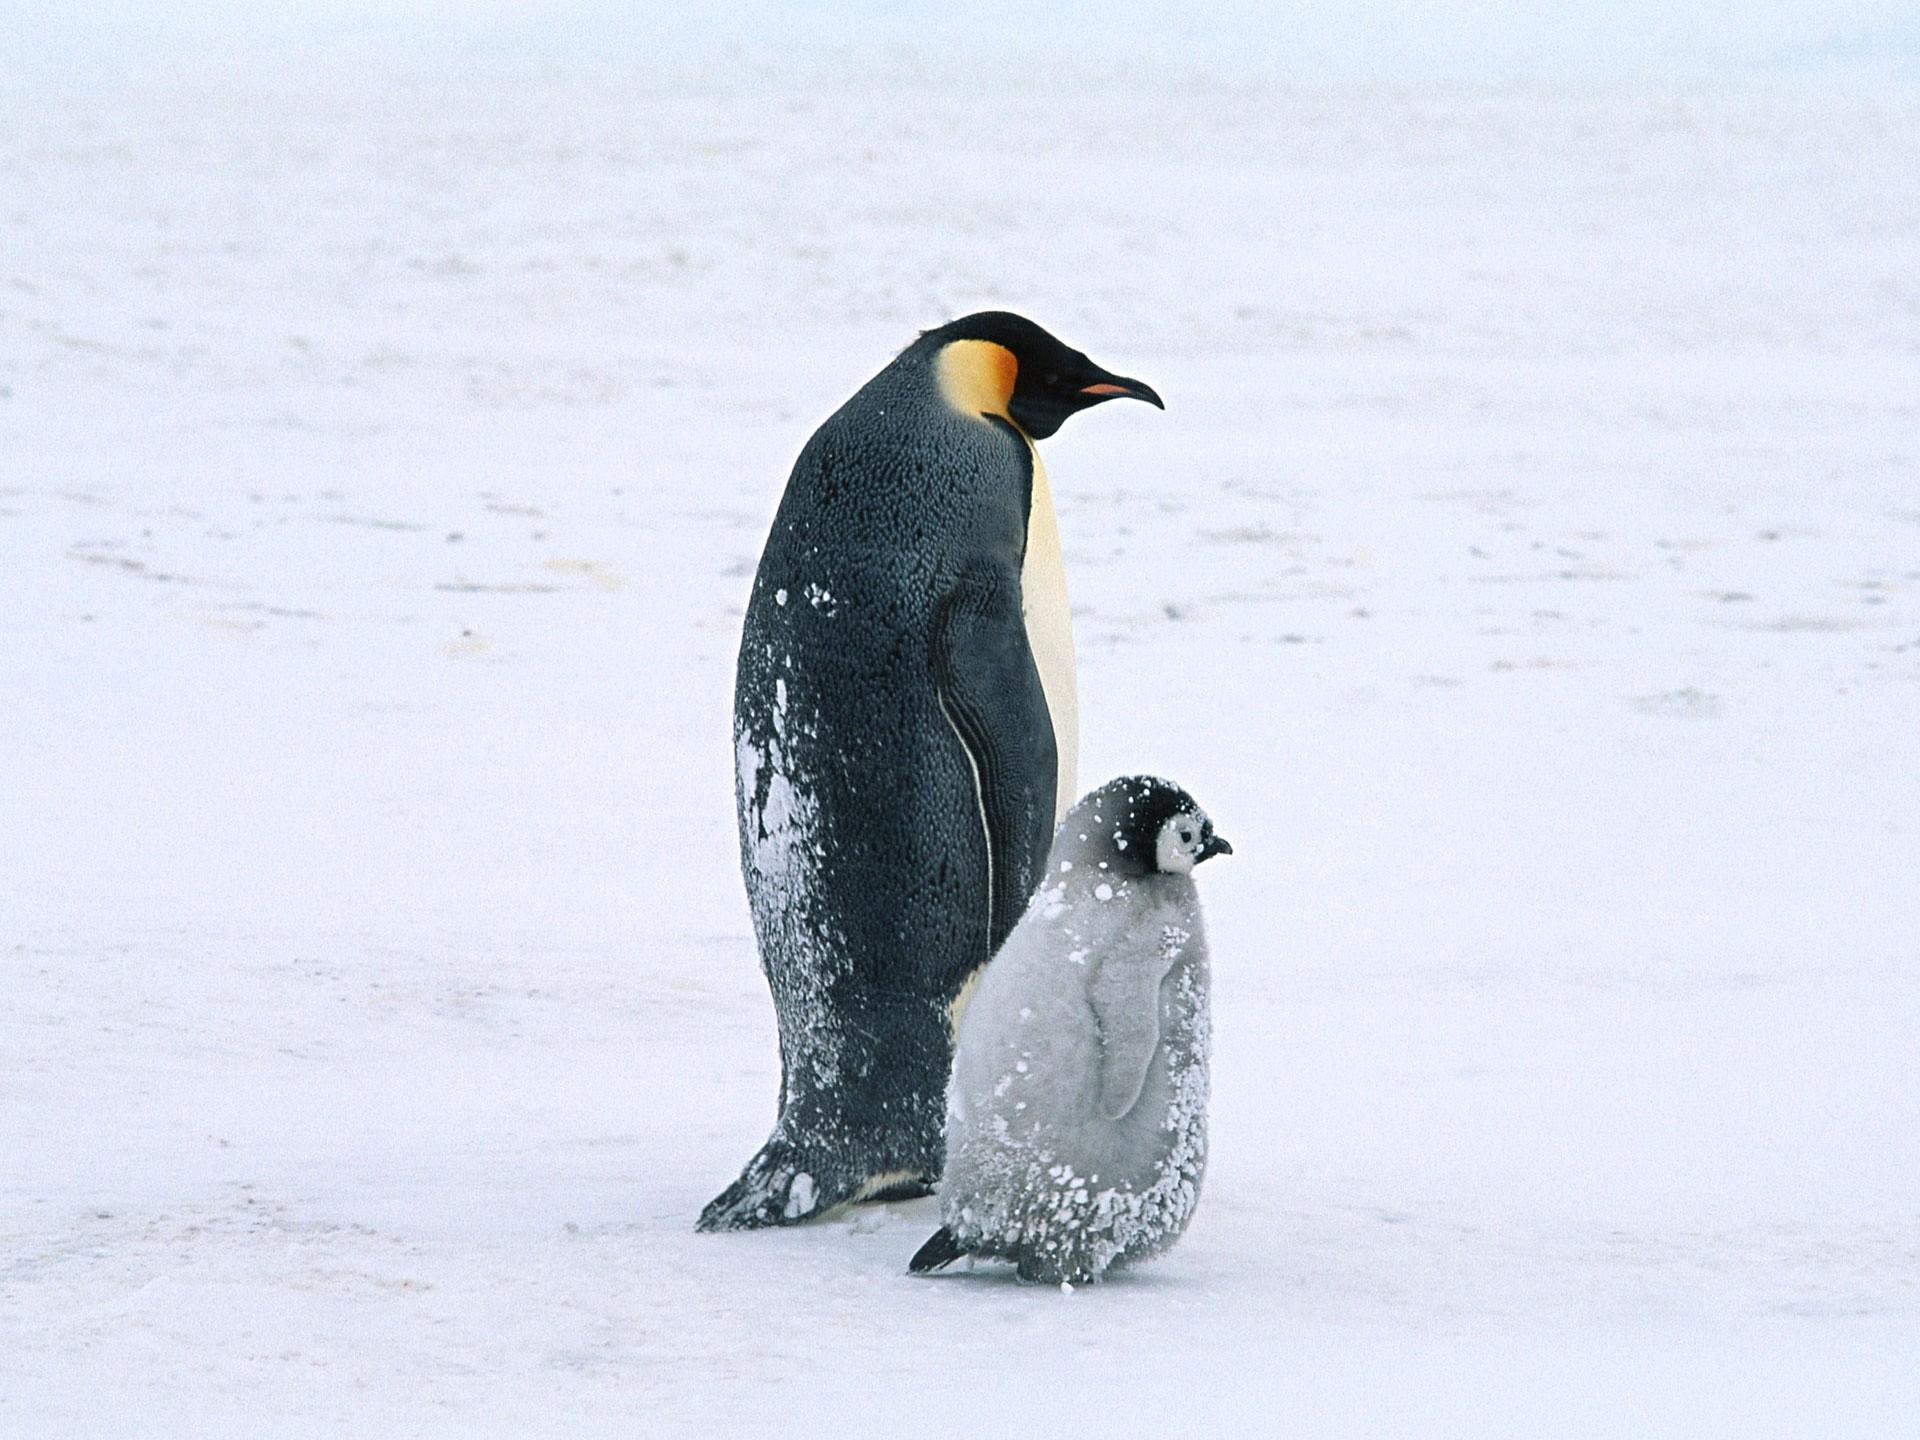 Baby Penguins Wallpaper Baby Desktop Wallpaper